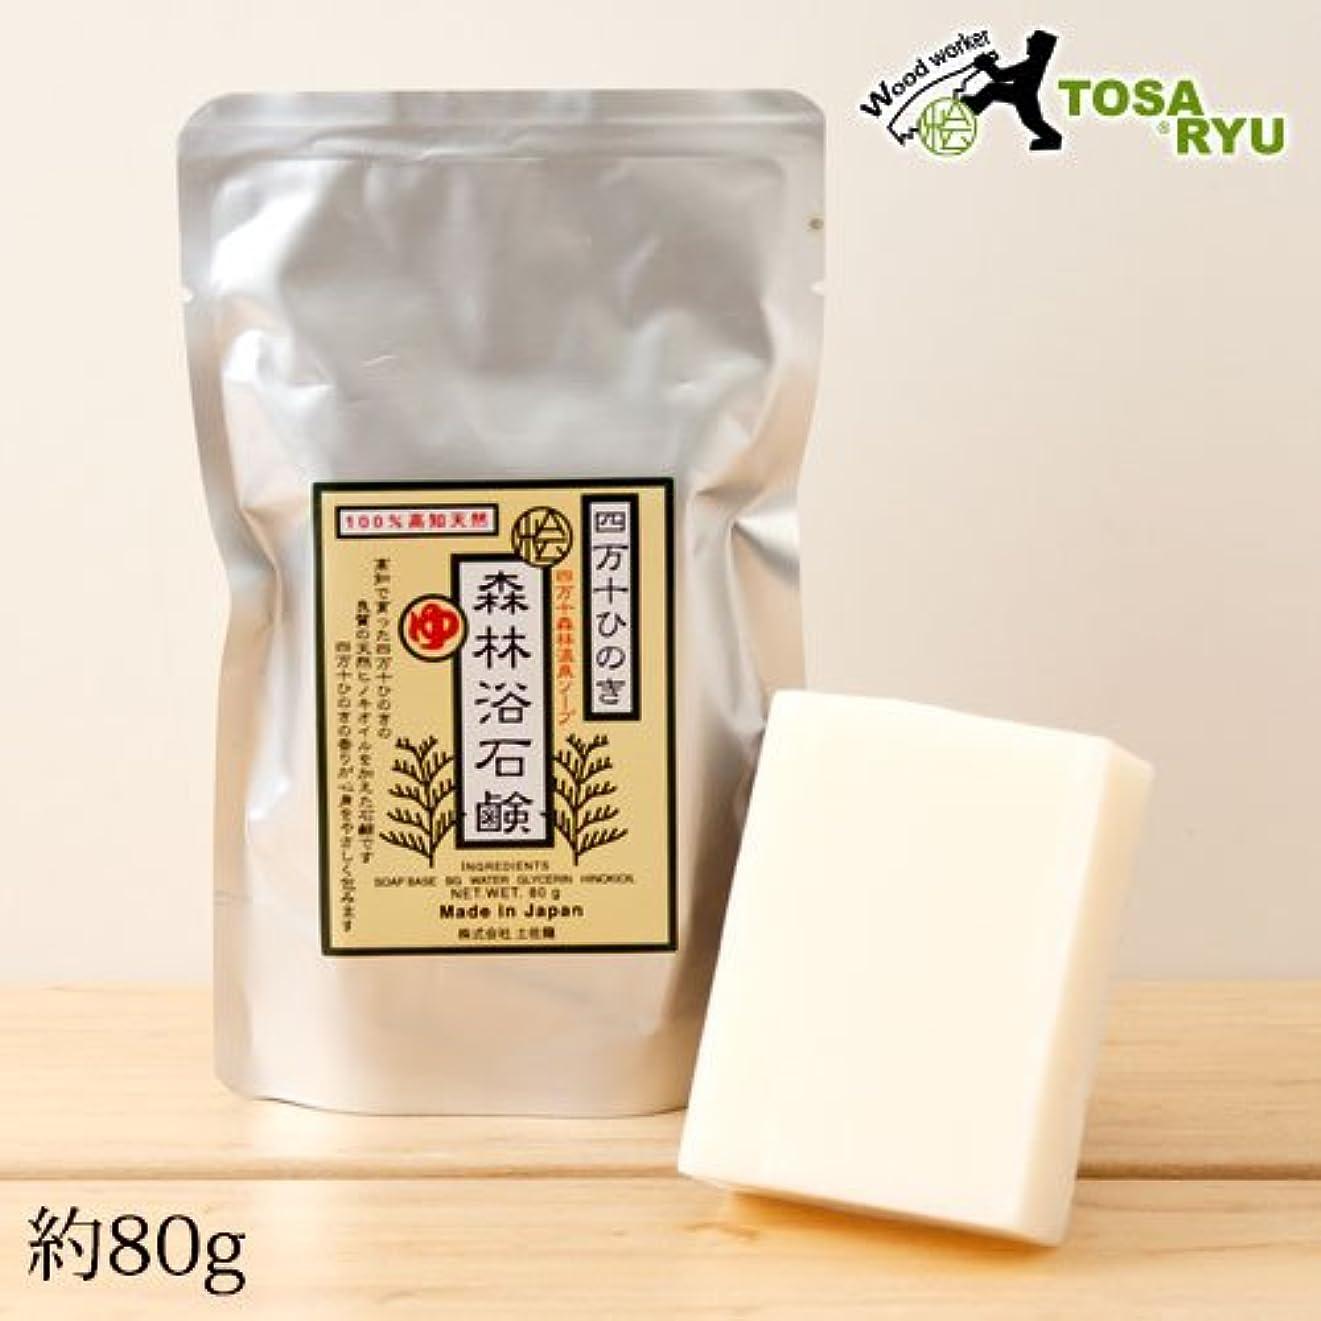 記憶に残る視力ウッズ土佐龍四万十森林温泉石鹸ひのきの香りのアロマソープ高知県の工芸品Aroma soap scent of cypress, Kochi craft